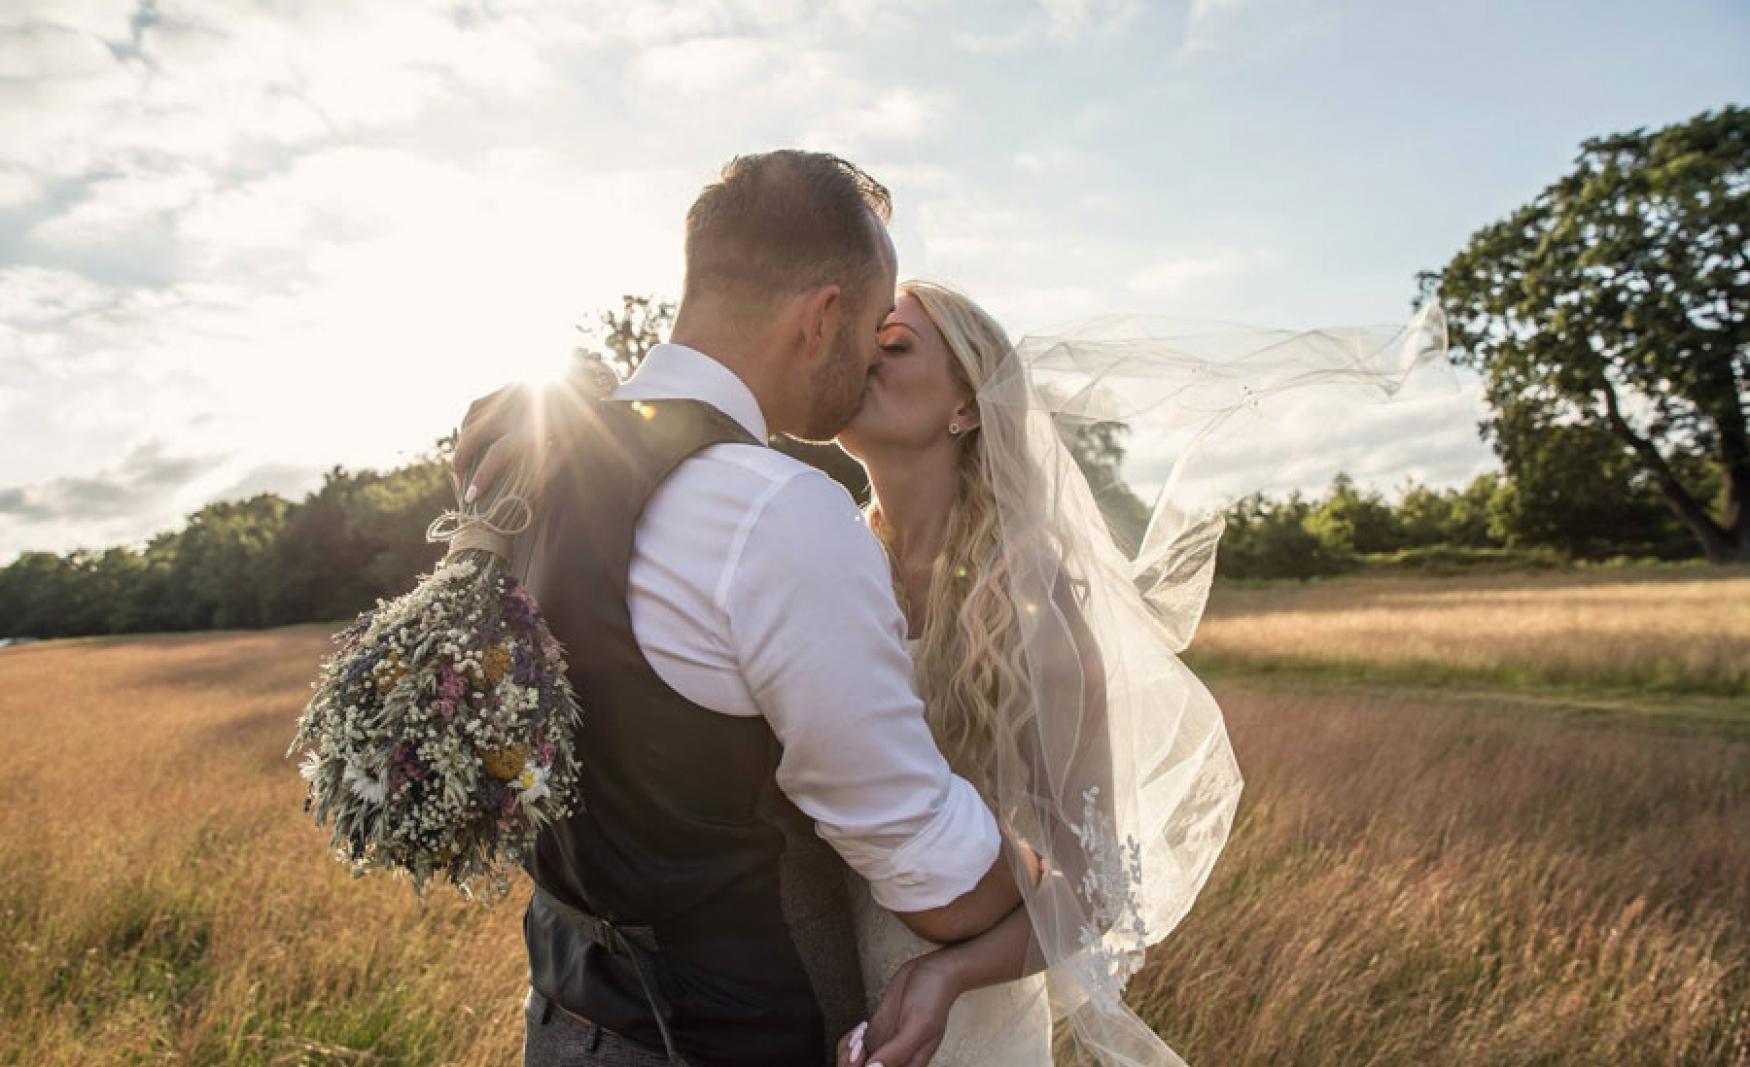 fiesta-fields-outdoor-wedding-events-company-tipi-surrey-sussex-hidden-valley-godalming-7